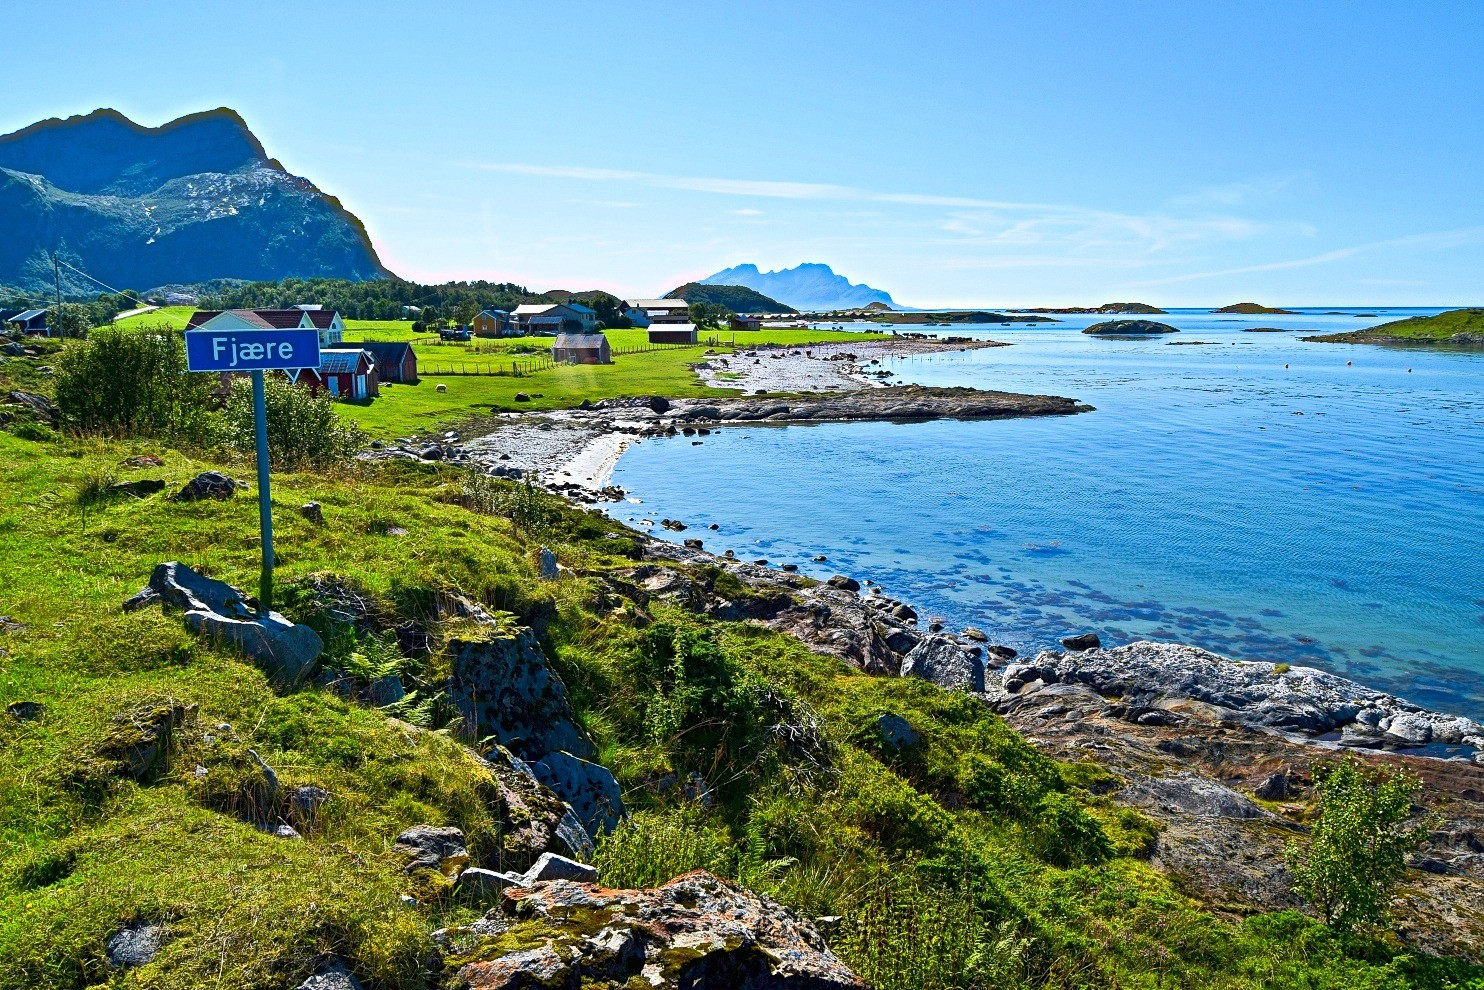 Fjære På Kjerringøy